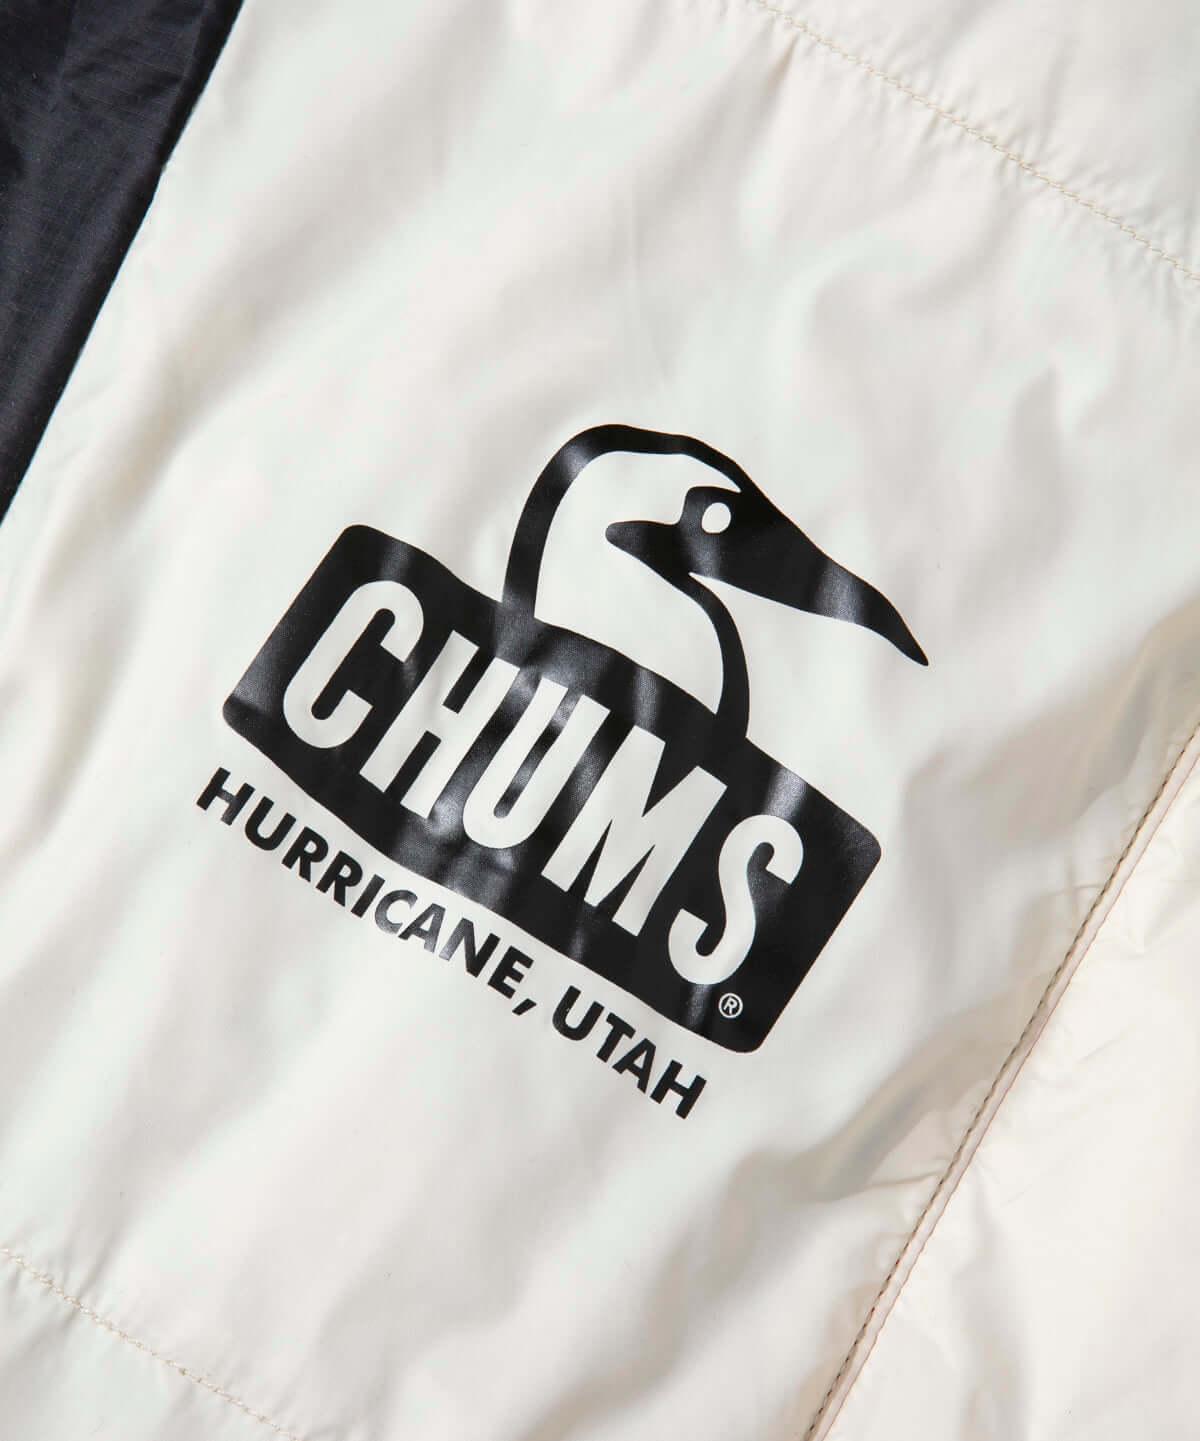 「CHUMS」待望の寝袋シリーズが発売|ブービーバードに変身できる寝袋が登場 life190318_chums_4-1200x1441